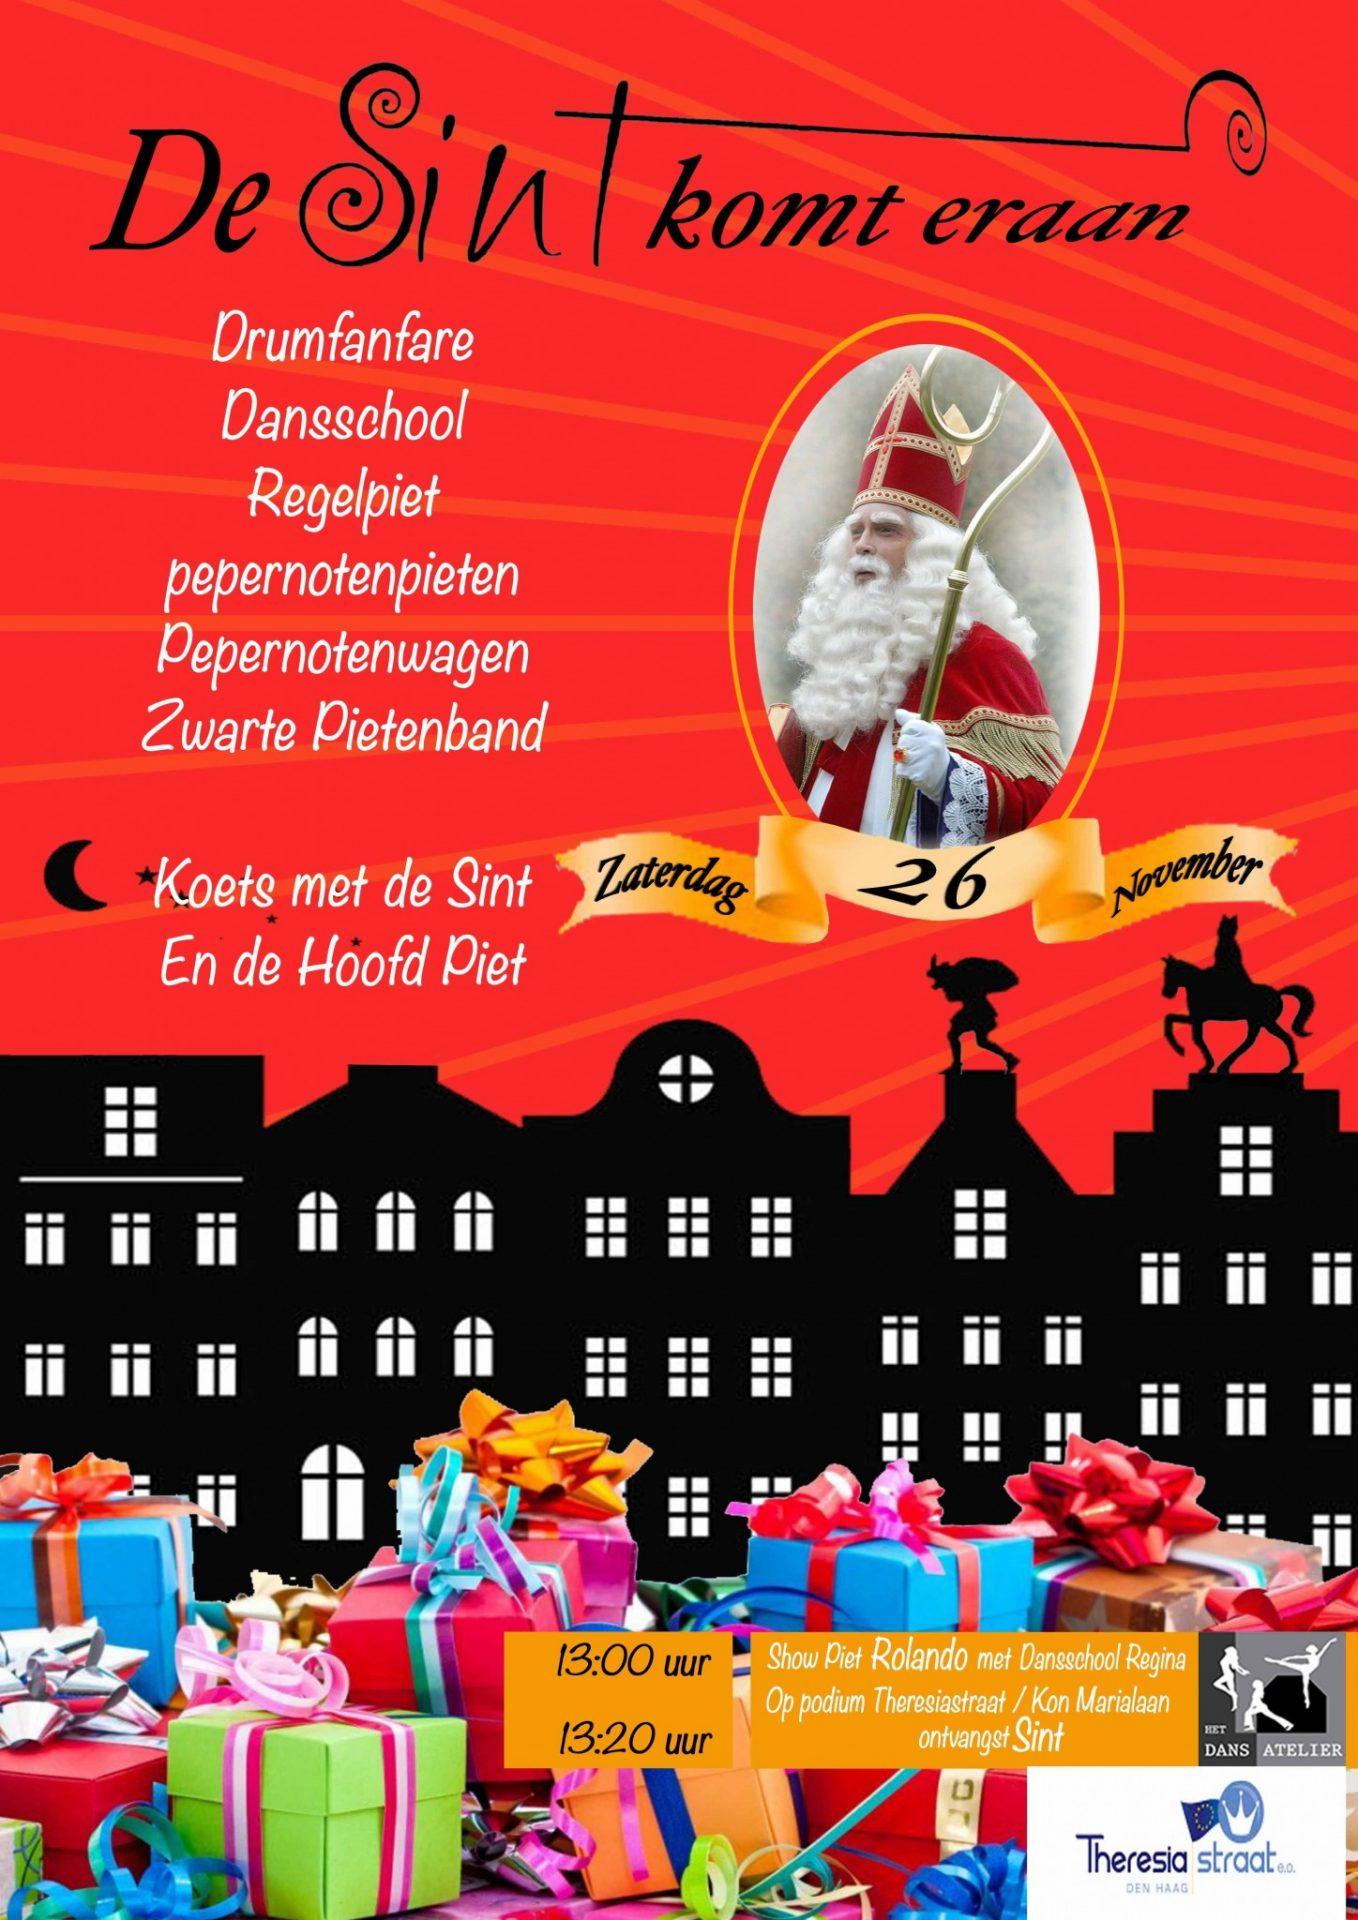 Intocht Van De Sint Op 26 November In Bezuidenhout Bezuidenhout Nl